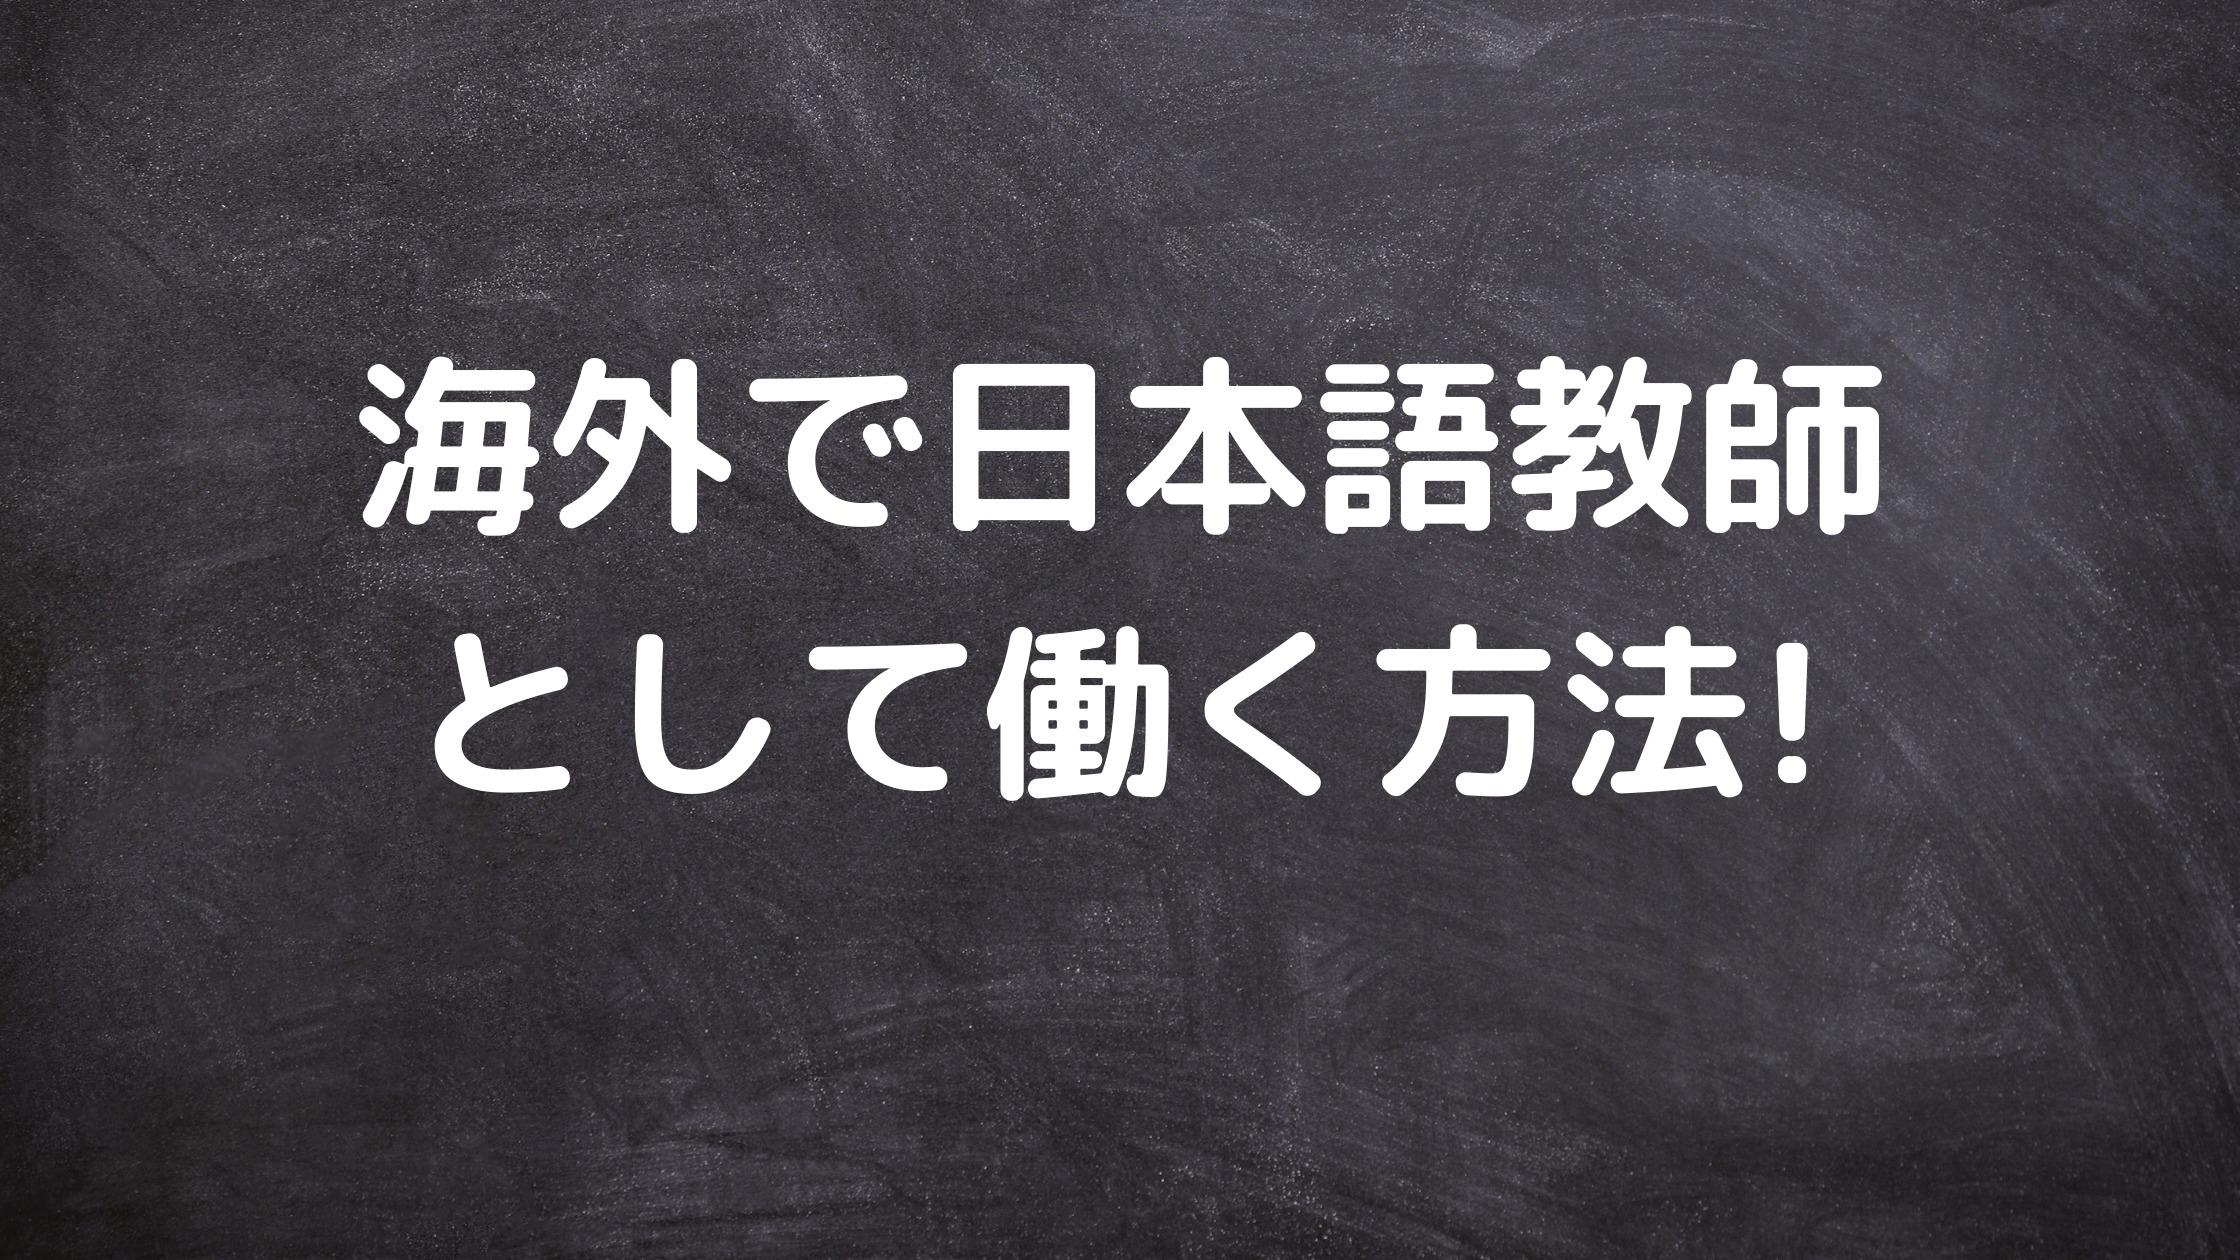 海外で日本語教師の写真